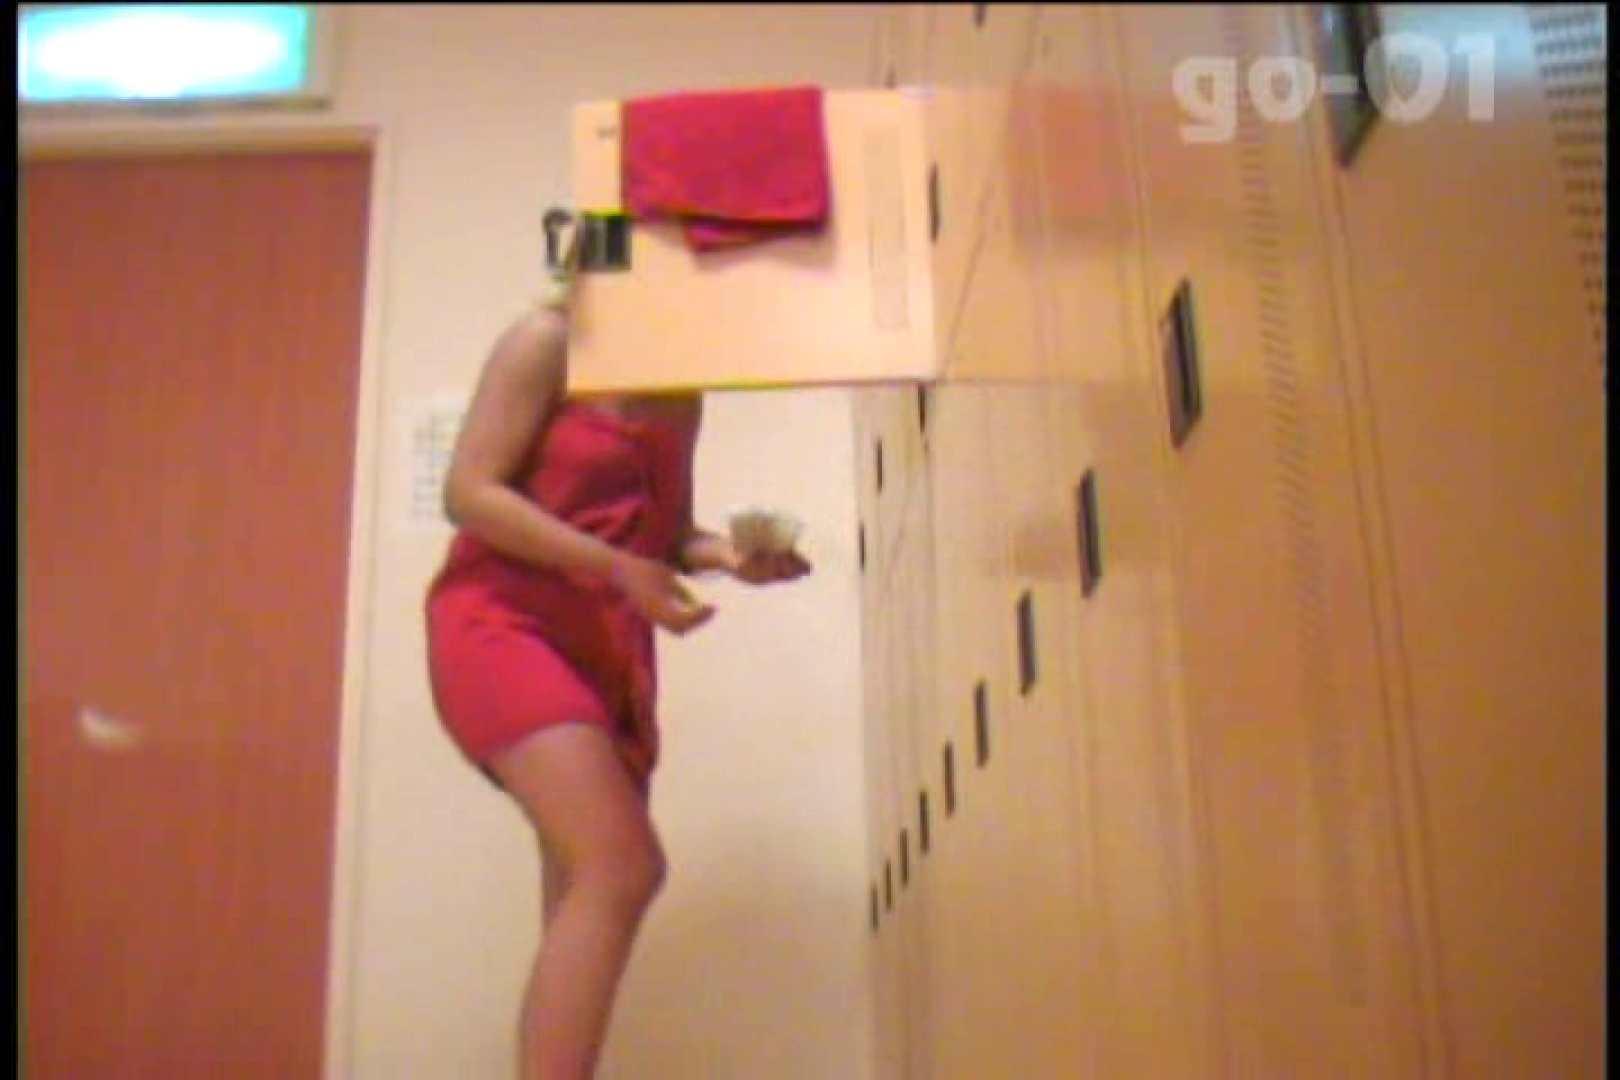 電波カメラ設置浴場からの防HAN映像 Vol.01 盗撮  85pic 39